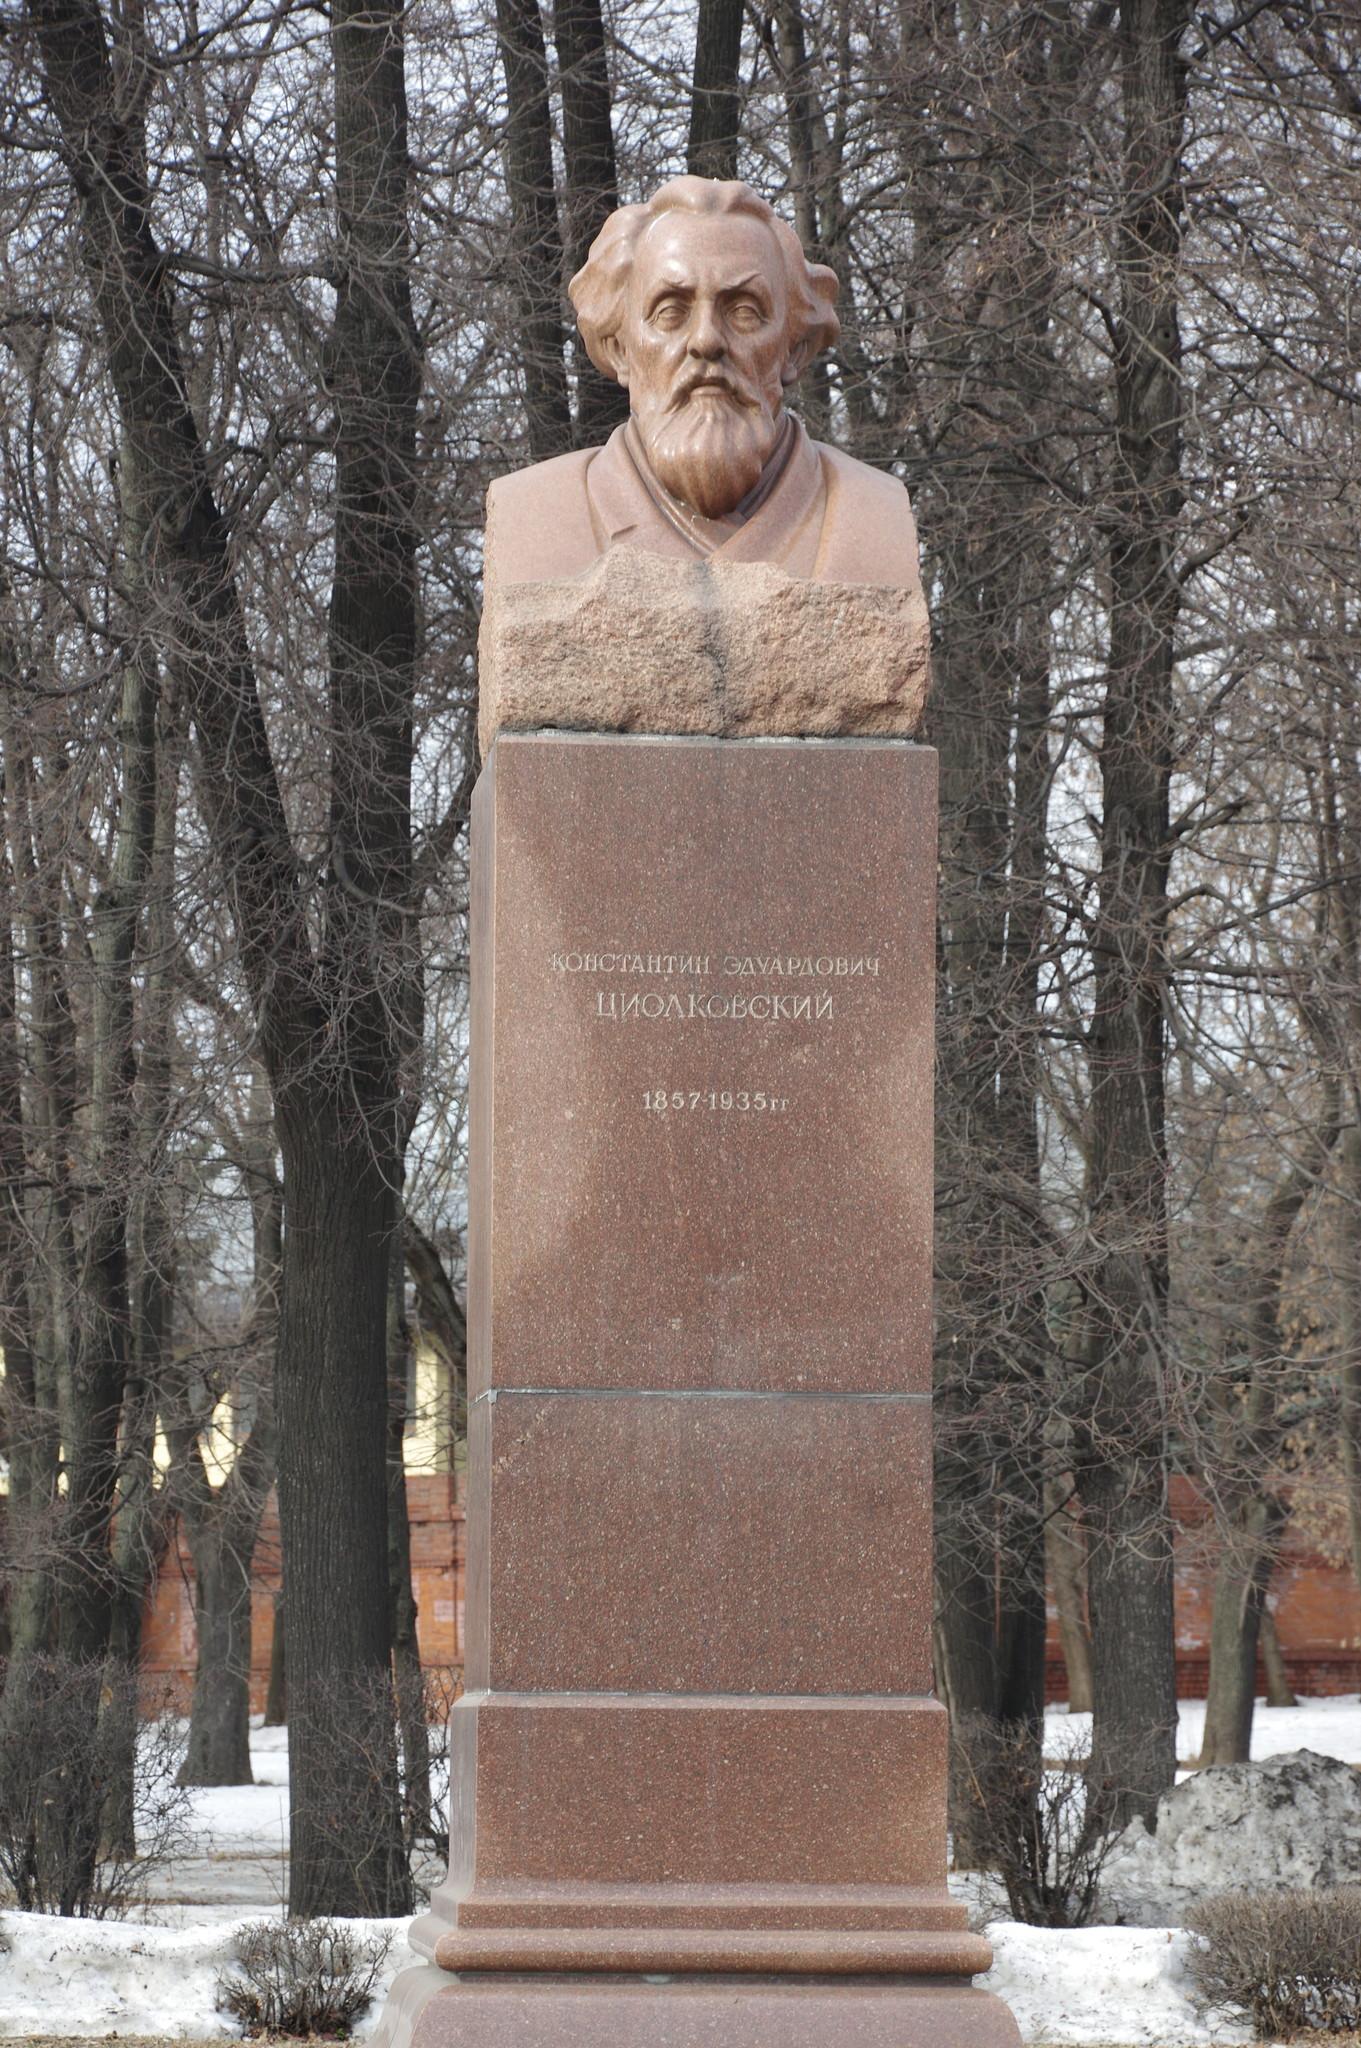 Памятник Константину Эдуардовичу Циолковскому на Ленинградском проспекте в Москве